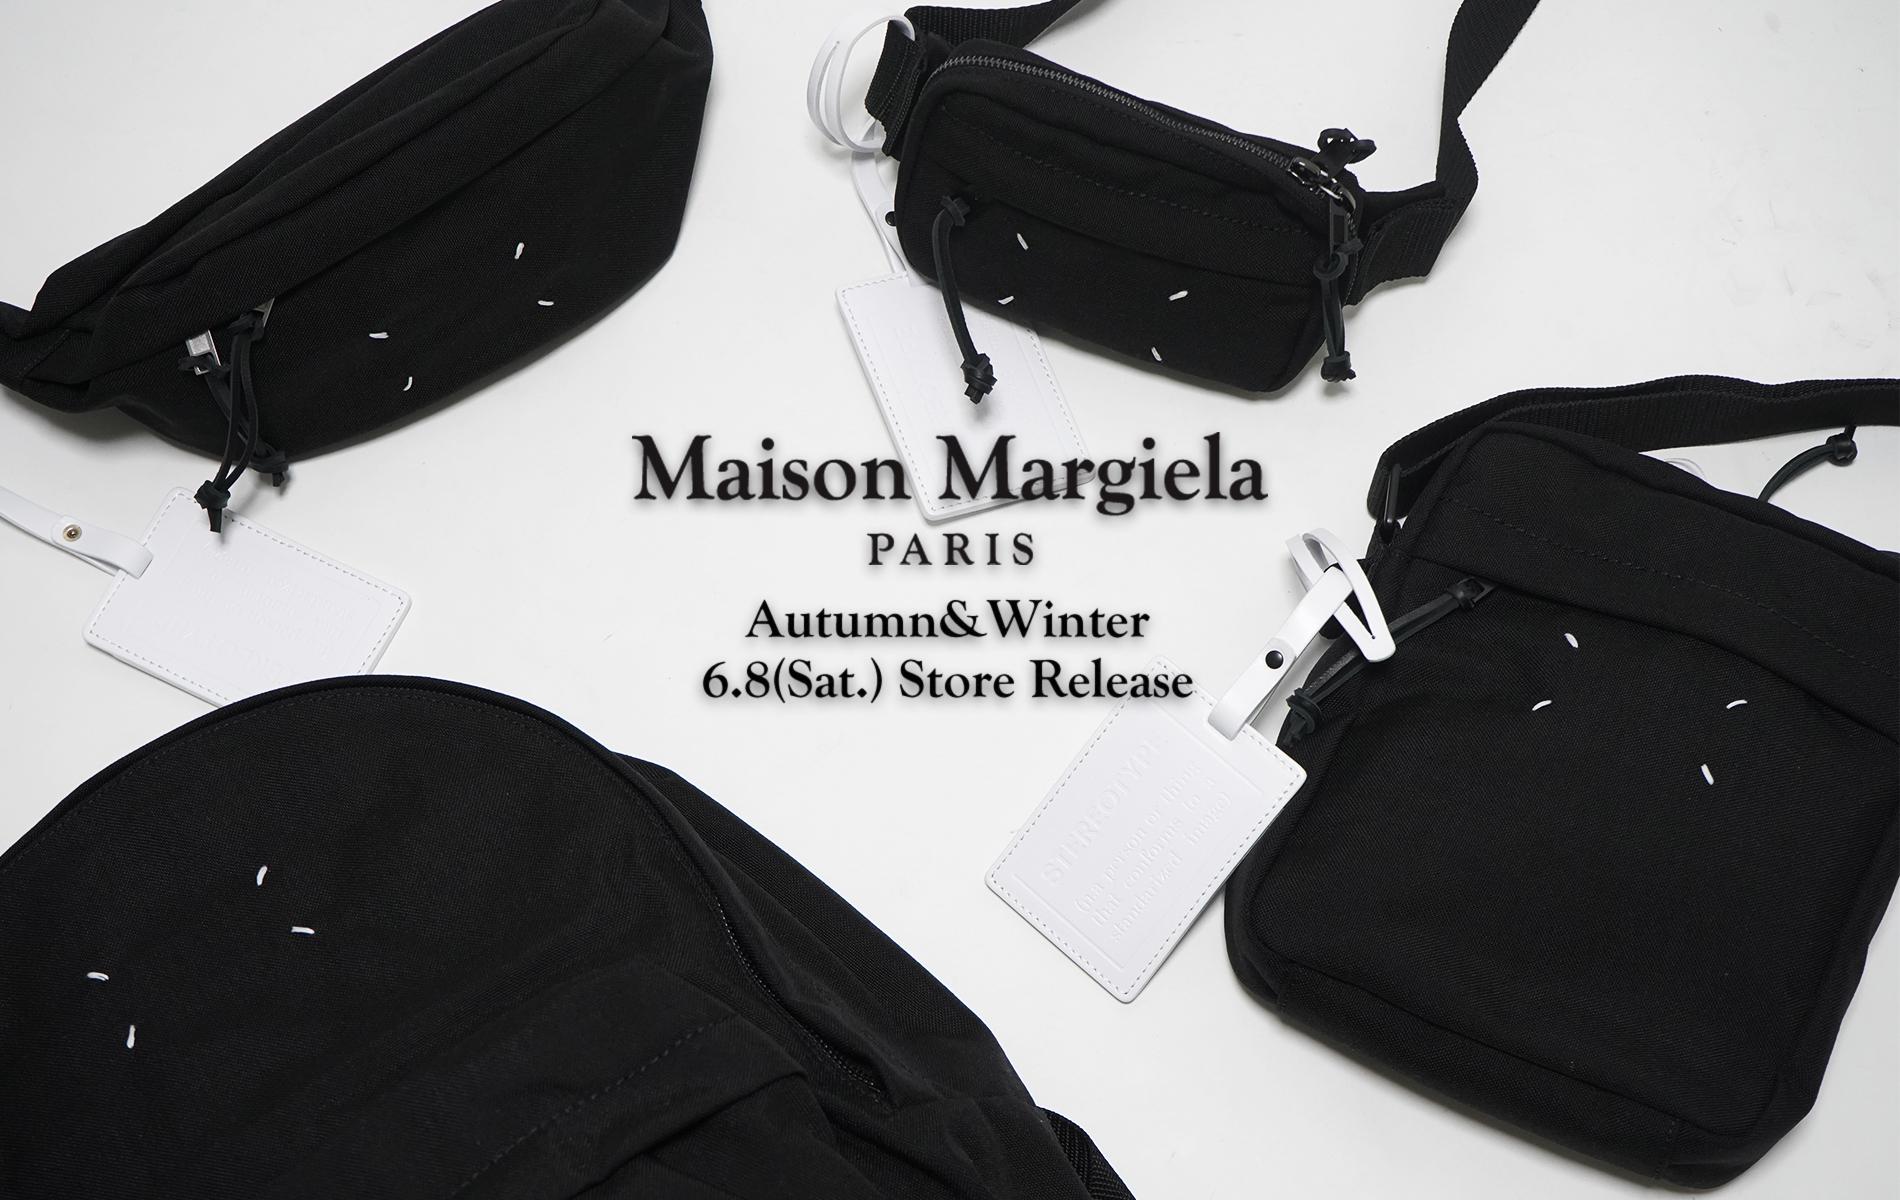 MAISON MARGIELA 2019 AUTUMN WINTER START